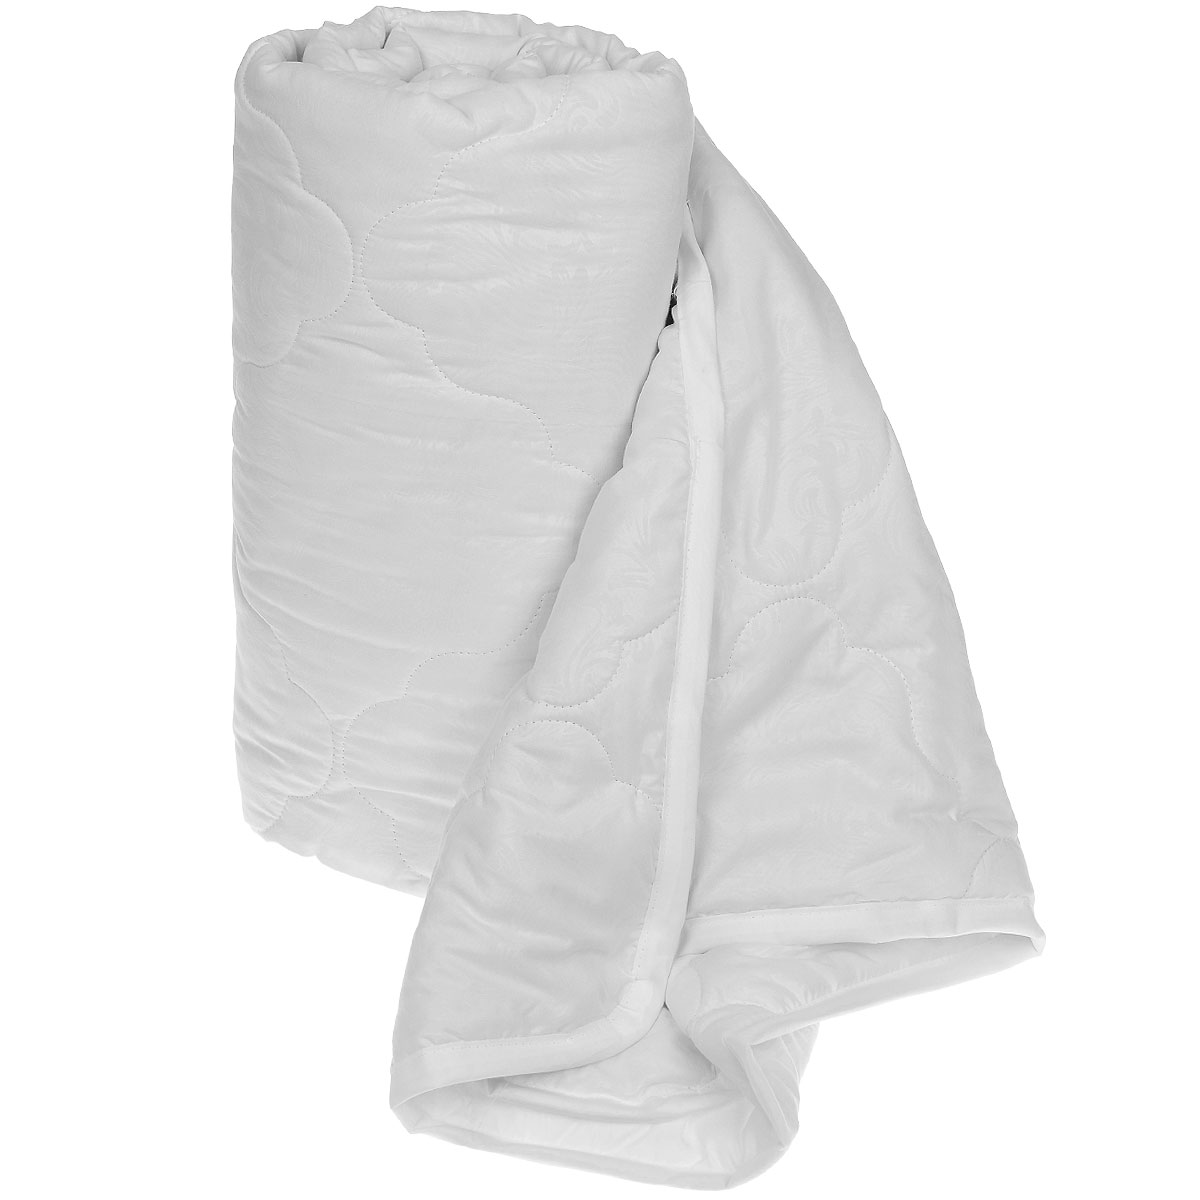 Одеяло Sova & Javoronok Бамбук, наполнитель: бамбуковое волокно, цвет: белый, 172 х 205 см96281375Одеяло Sova & Javoronok Бамбук подарит комфорт и уют во время сна. Чехол, выполненный из микрофибры (100% полиэстера), оформлен стежкой и надежно удерживает наполнитель внутри. Волокно на основе бамбука - инновационный наполнитель, обладающий за счет своей пористой структуры хорошей воздухонепроницаемостью и высокой гигроскопичностью, обеспечивает оптимальный уровень влажности во время сна и создает чувство прохлады в жаркие дни.Антибактериальный эффект наполнителя достигается за счет содержания в нем специального компонента, а также за счет поглощения влаги, что создает сухой микроклимат, препятствующий росту бактерий. Основные свойства волокна: - хорошая терморегуляция, - свободная циркуляция воздуха, - антибактериальные свойства, - повышенная гигроскопичность, - мягкость и легкость, - удобство в эксплуатации и легкость стирки. Рекомендации по уходу: - Стирка запрещена. - Не отбеливать, не использовать хлоросодержащие моющие средства и стиральные порошки с отбеливателями.- Не выжимать в стиральной машине.- Чистка только с углеводородом, хлорным этиленом и монофтортрихлорметаном.Размер одеяла: 172 см х 205 см. Материал чехла: микрофибра (100% полиэстер). Материал наполнителя: бамбуковое волокно.